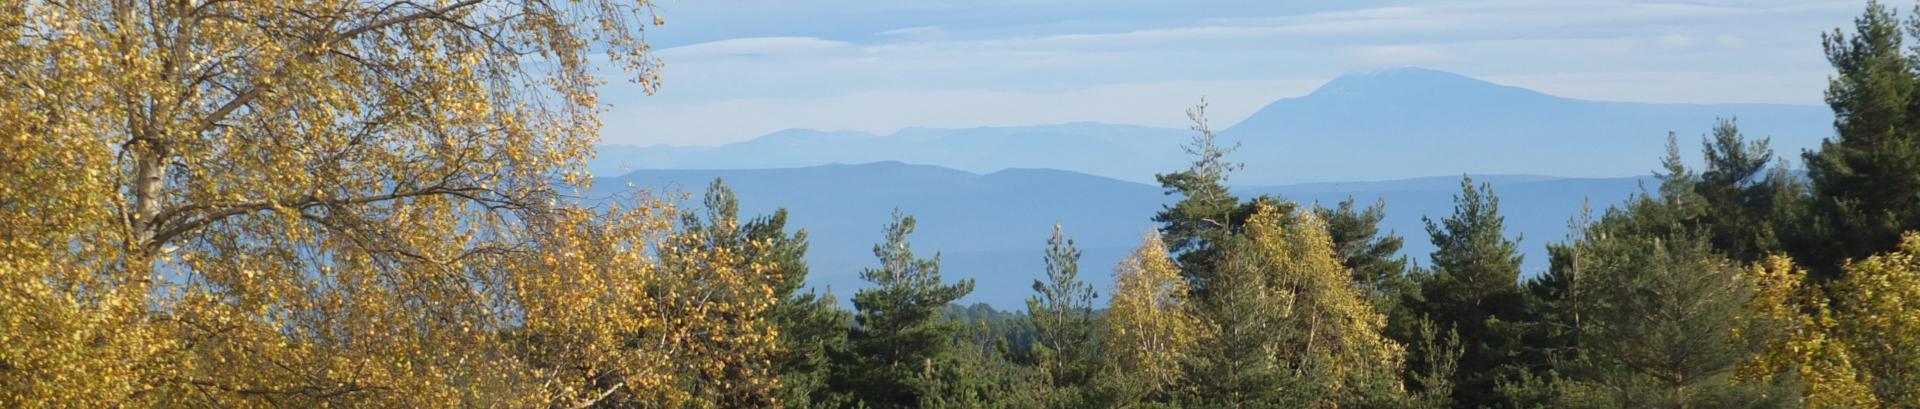 vue sur le mont ventoux en automne